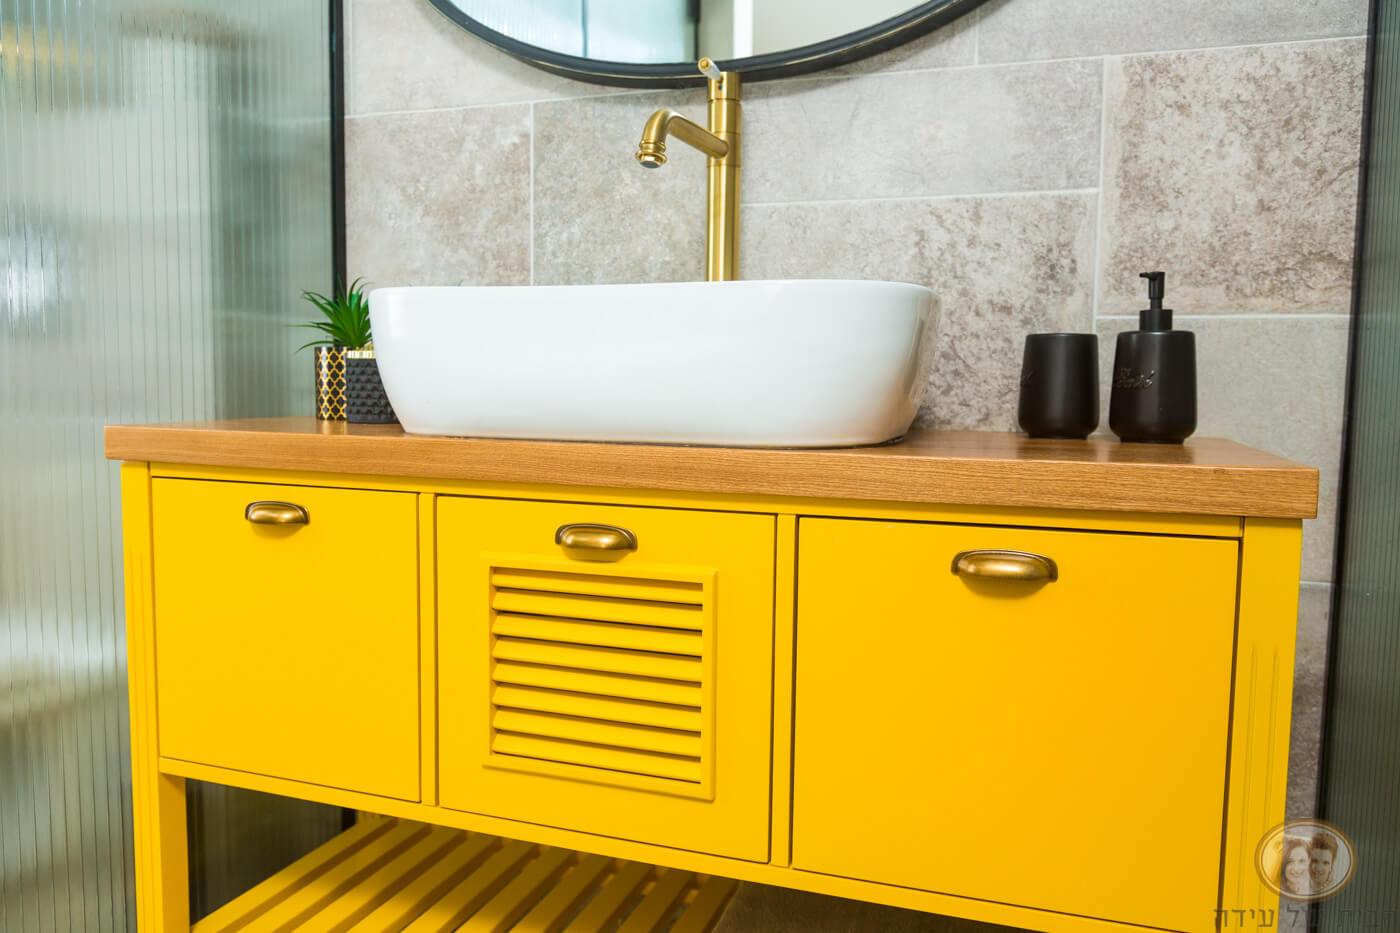 ארון אמבטיה צבעוני